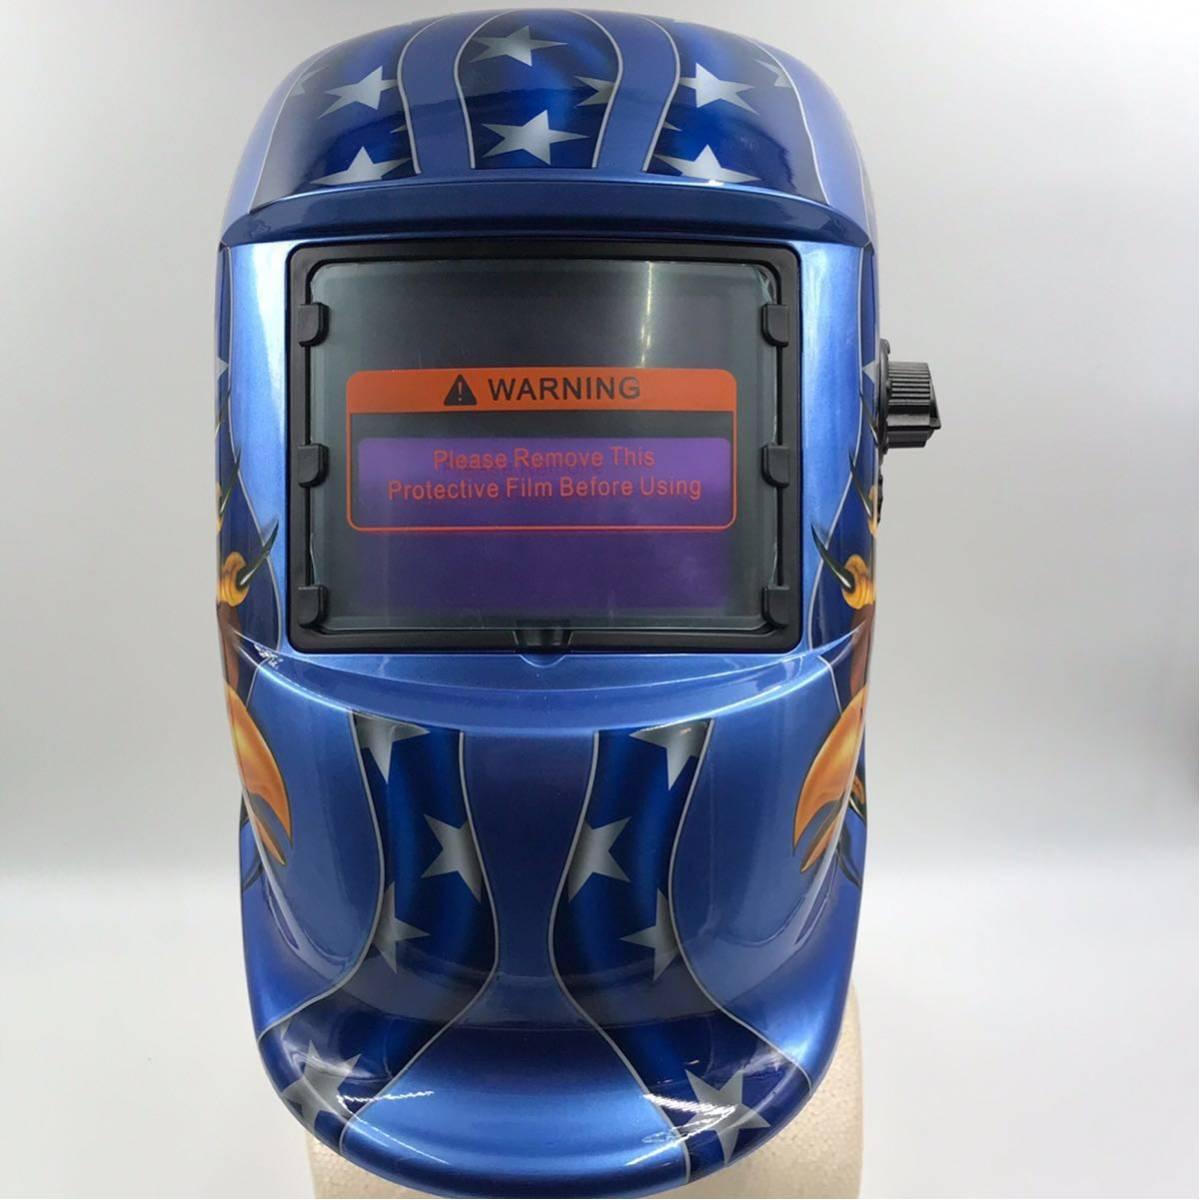 溶接ヘルメット 溶接マスク 太陽エネルギー ソーラー充電式 自動遮光 ハーレー アメ車 カスタム DIY ハンドメイド TIG アーク溶接 ショベル